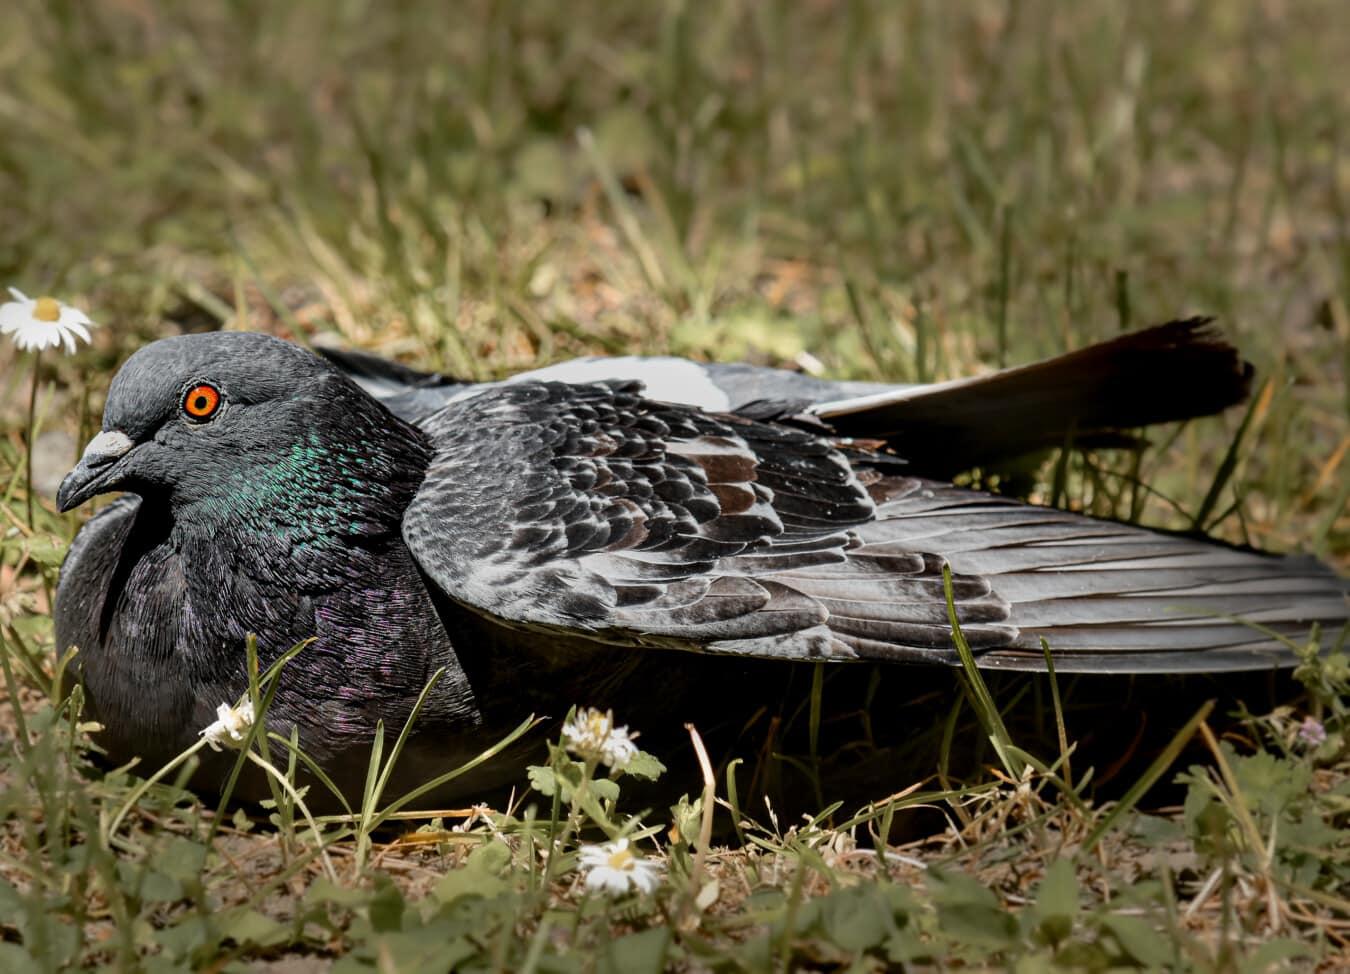 Pigeon, portant, prairie, qui s'étend, oiseau, ailes, sauvage, bec, nature, faune